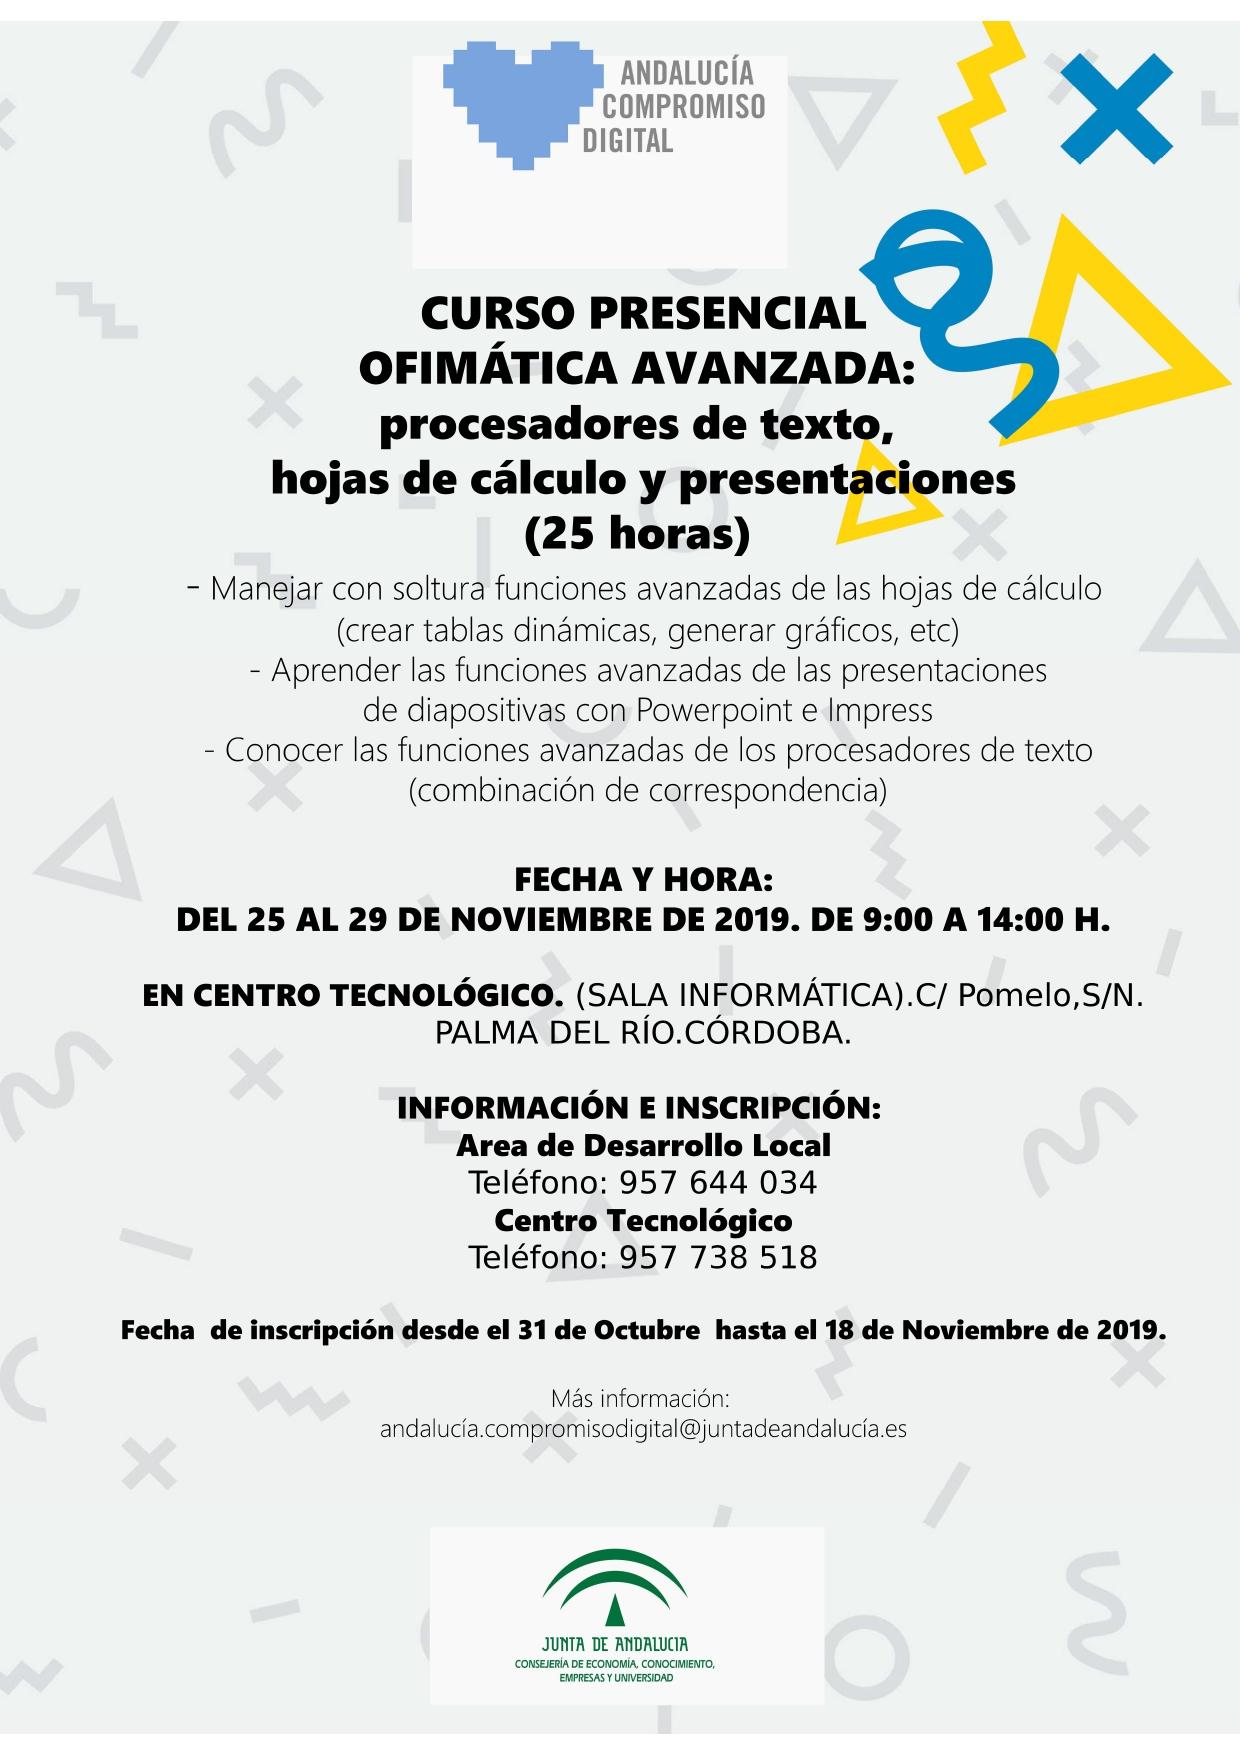 https://www.palmadelrio.es/sites/default/files/ofimatica_avanzada_carte.jpg